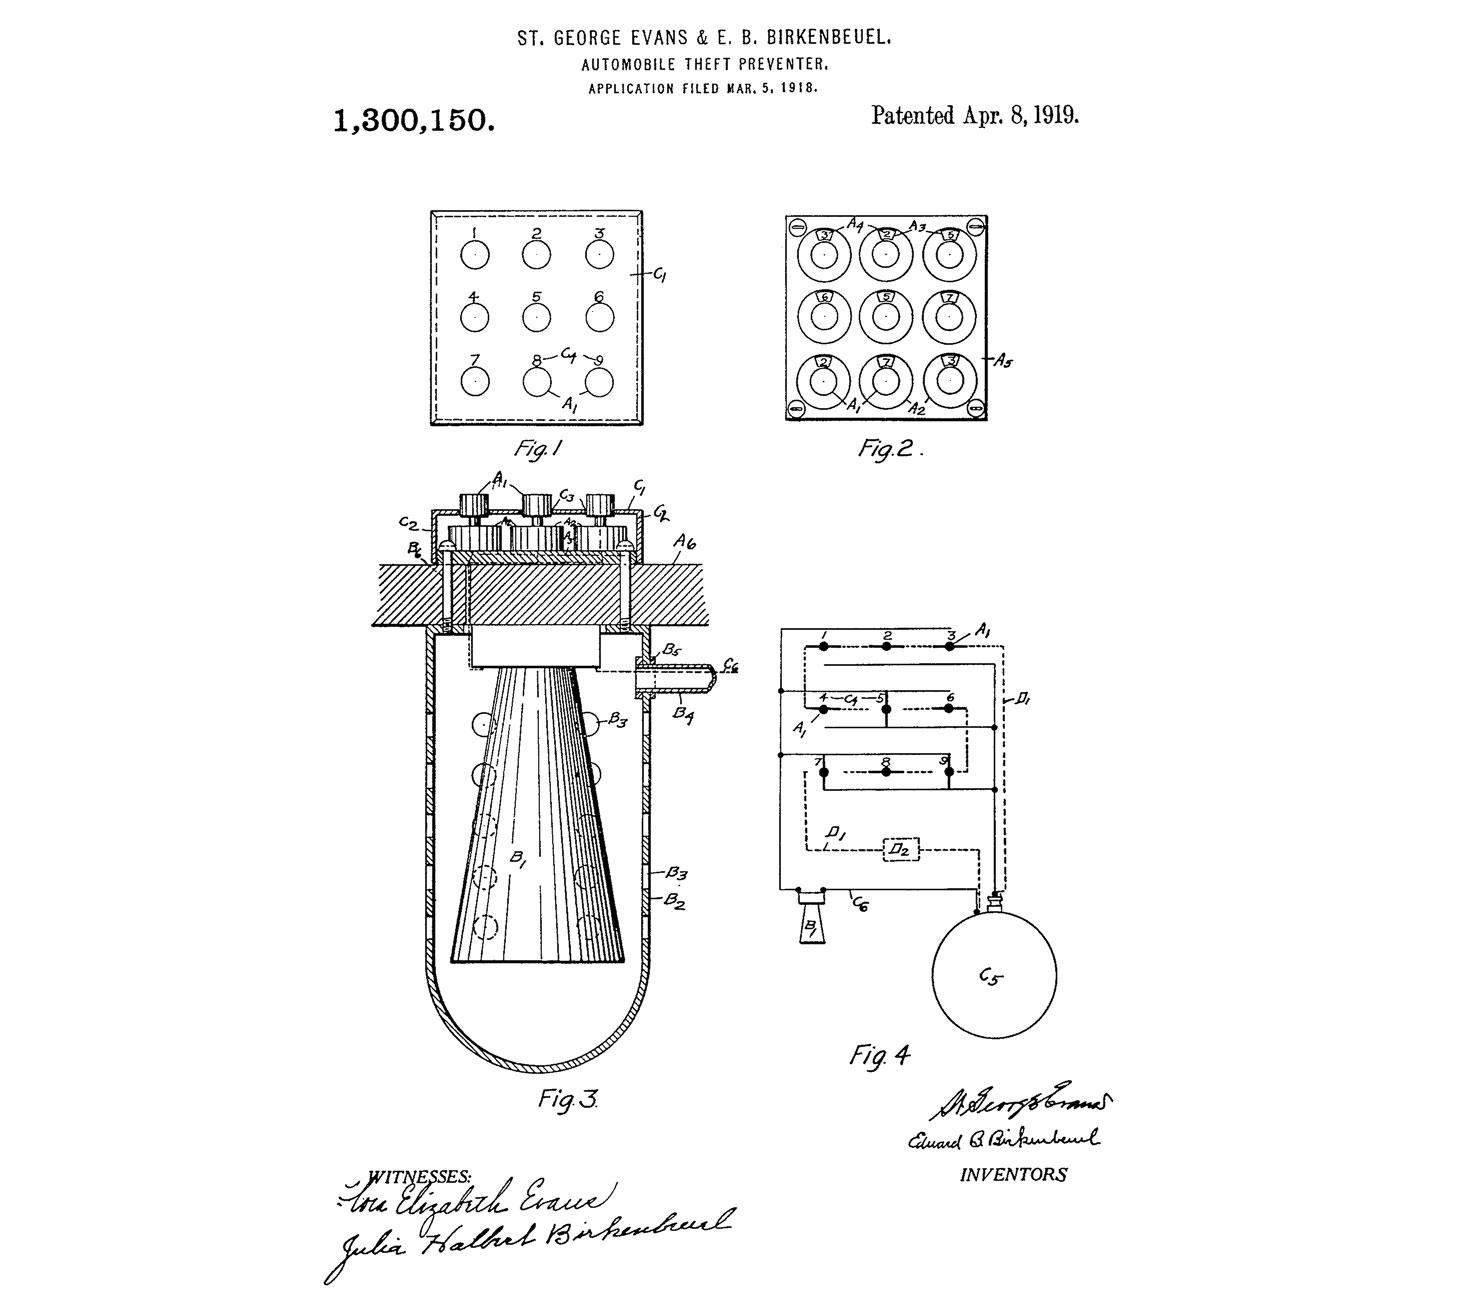 1919年,世界上第一个汽车防盗系统获得专利。